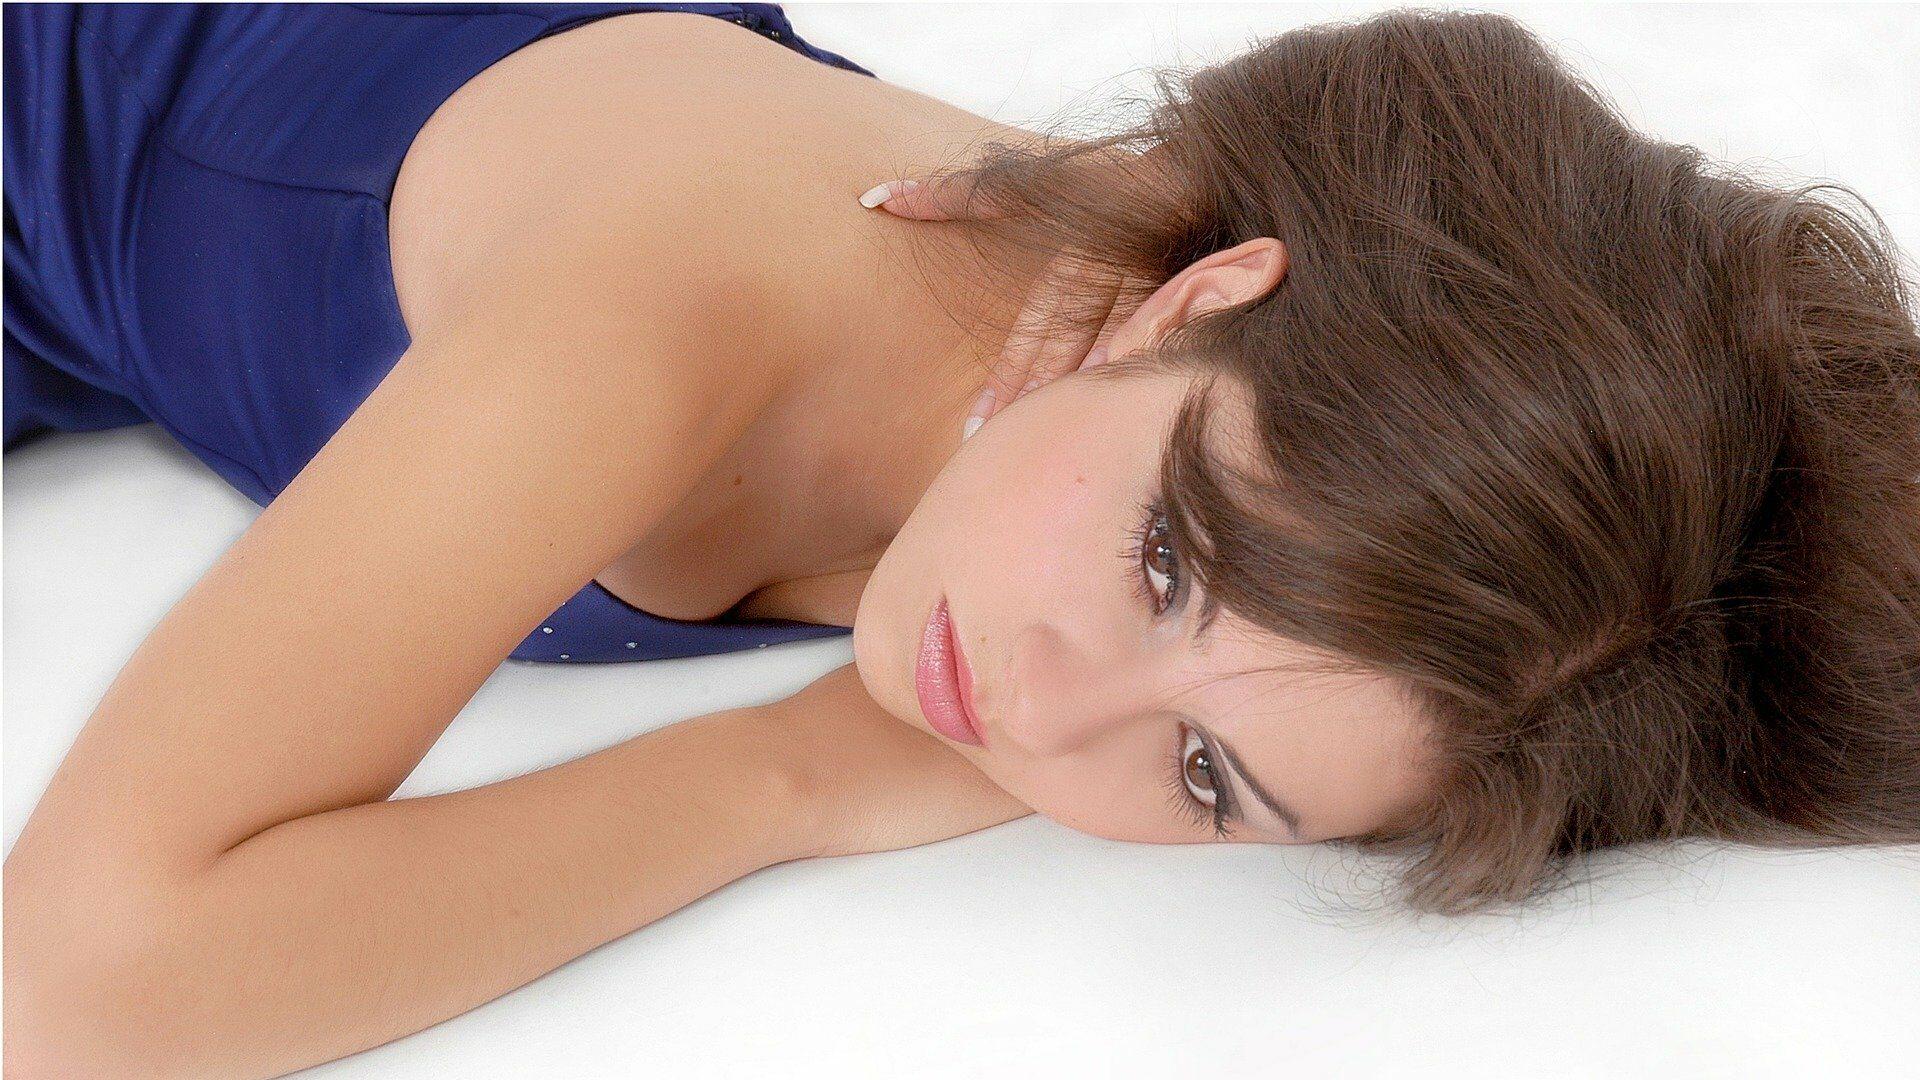 femme qui pense sur un lit